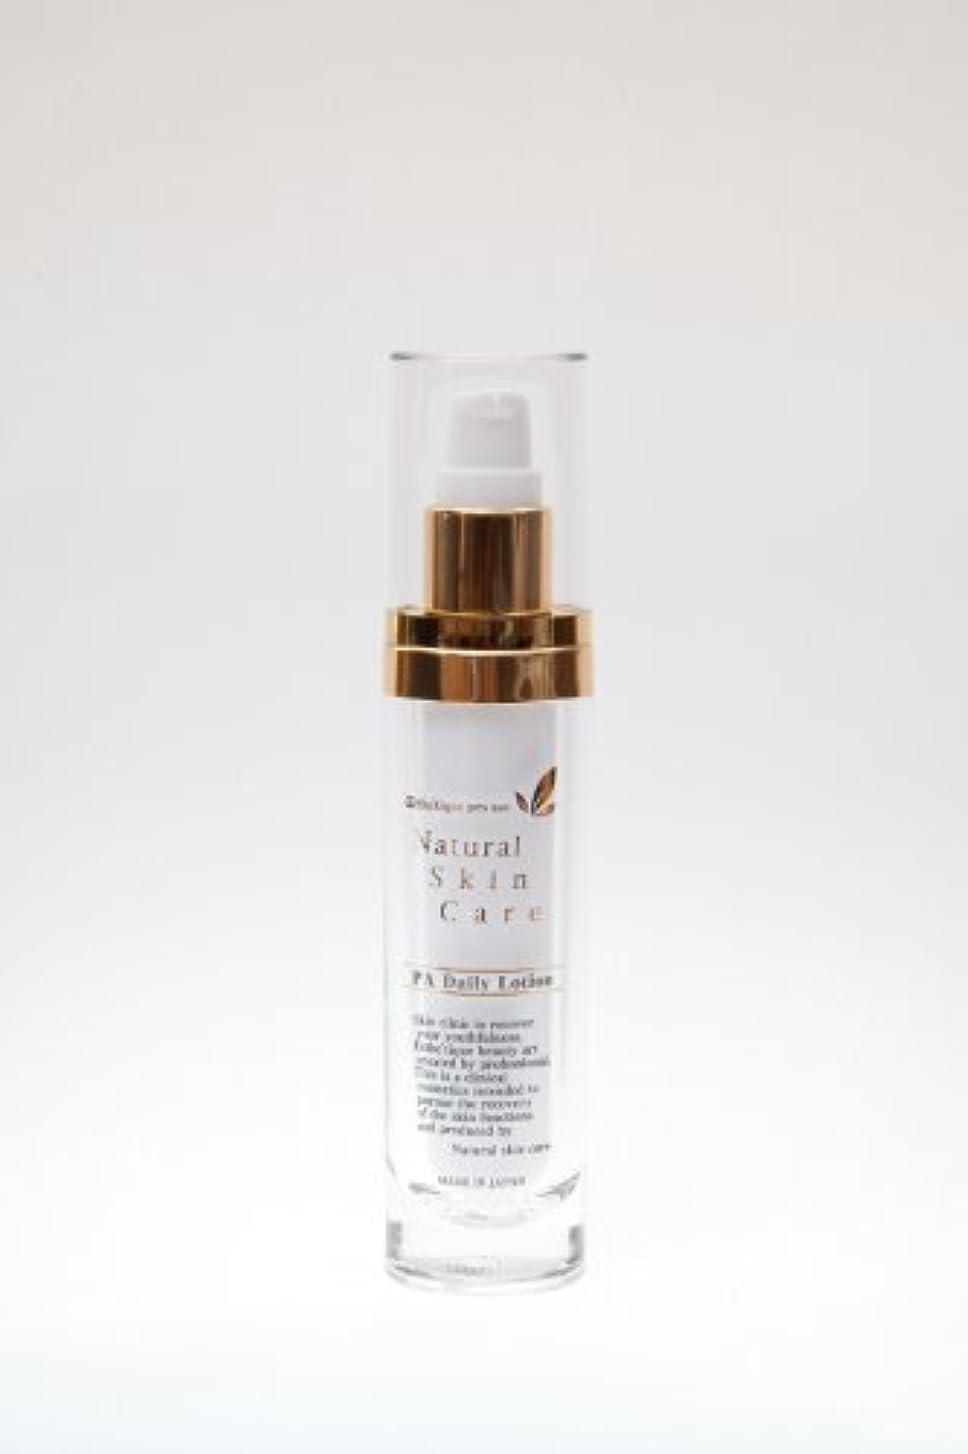 少数モジュールモートPA デイリーローション 30ml : EGF フラーレン リピジュア アルジレリン 配合ジェルタイプ収斂化粧水 サロン専売化粧品 R-Cell(リセル)